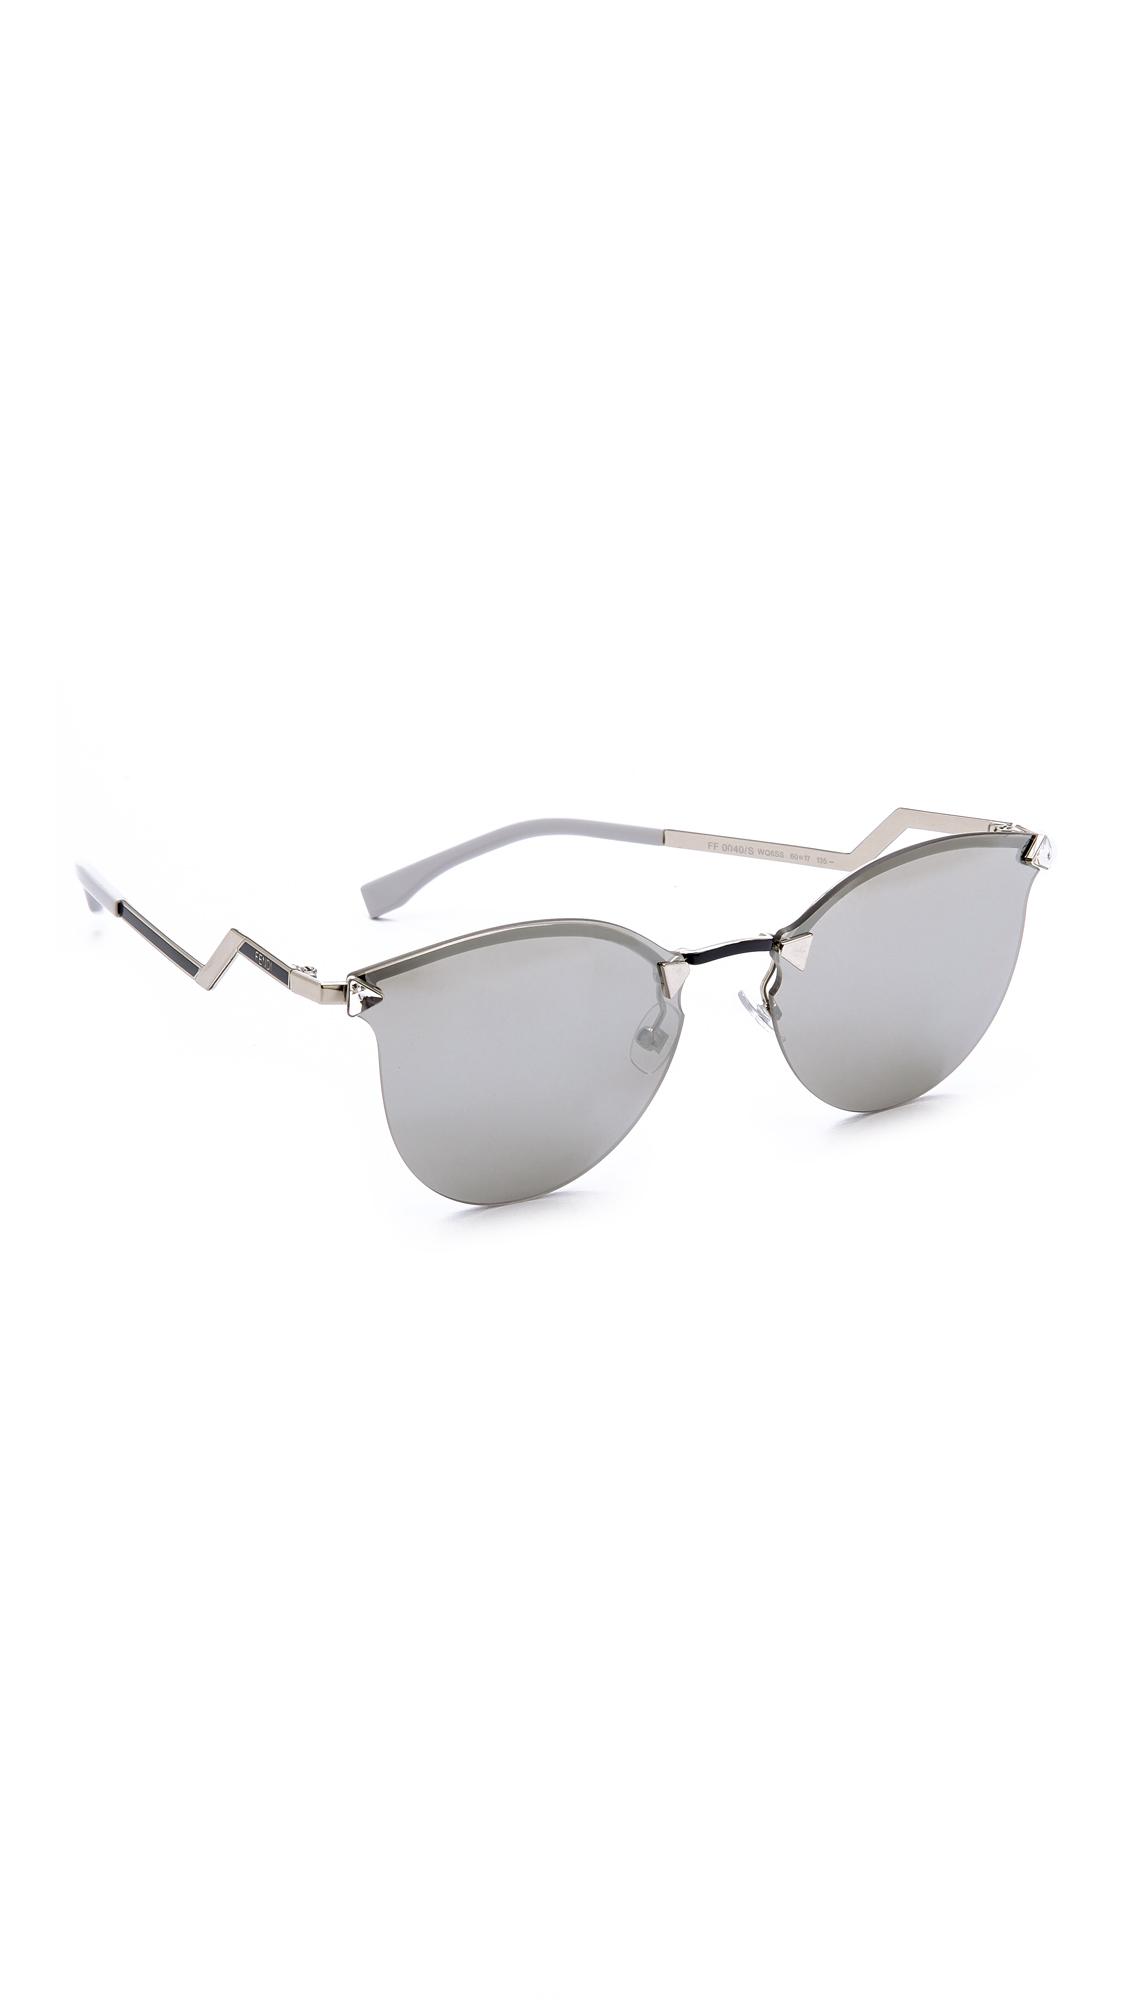 Fendi rimless bottom sunglasses